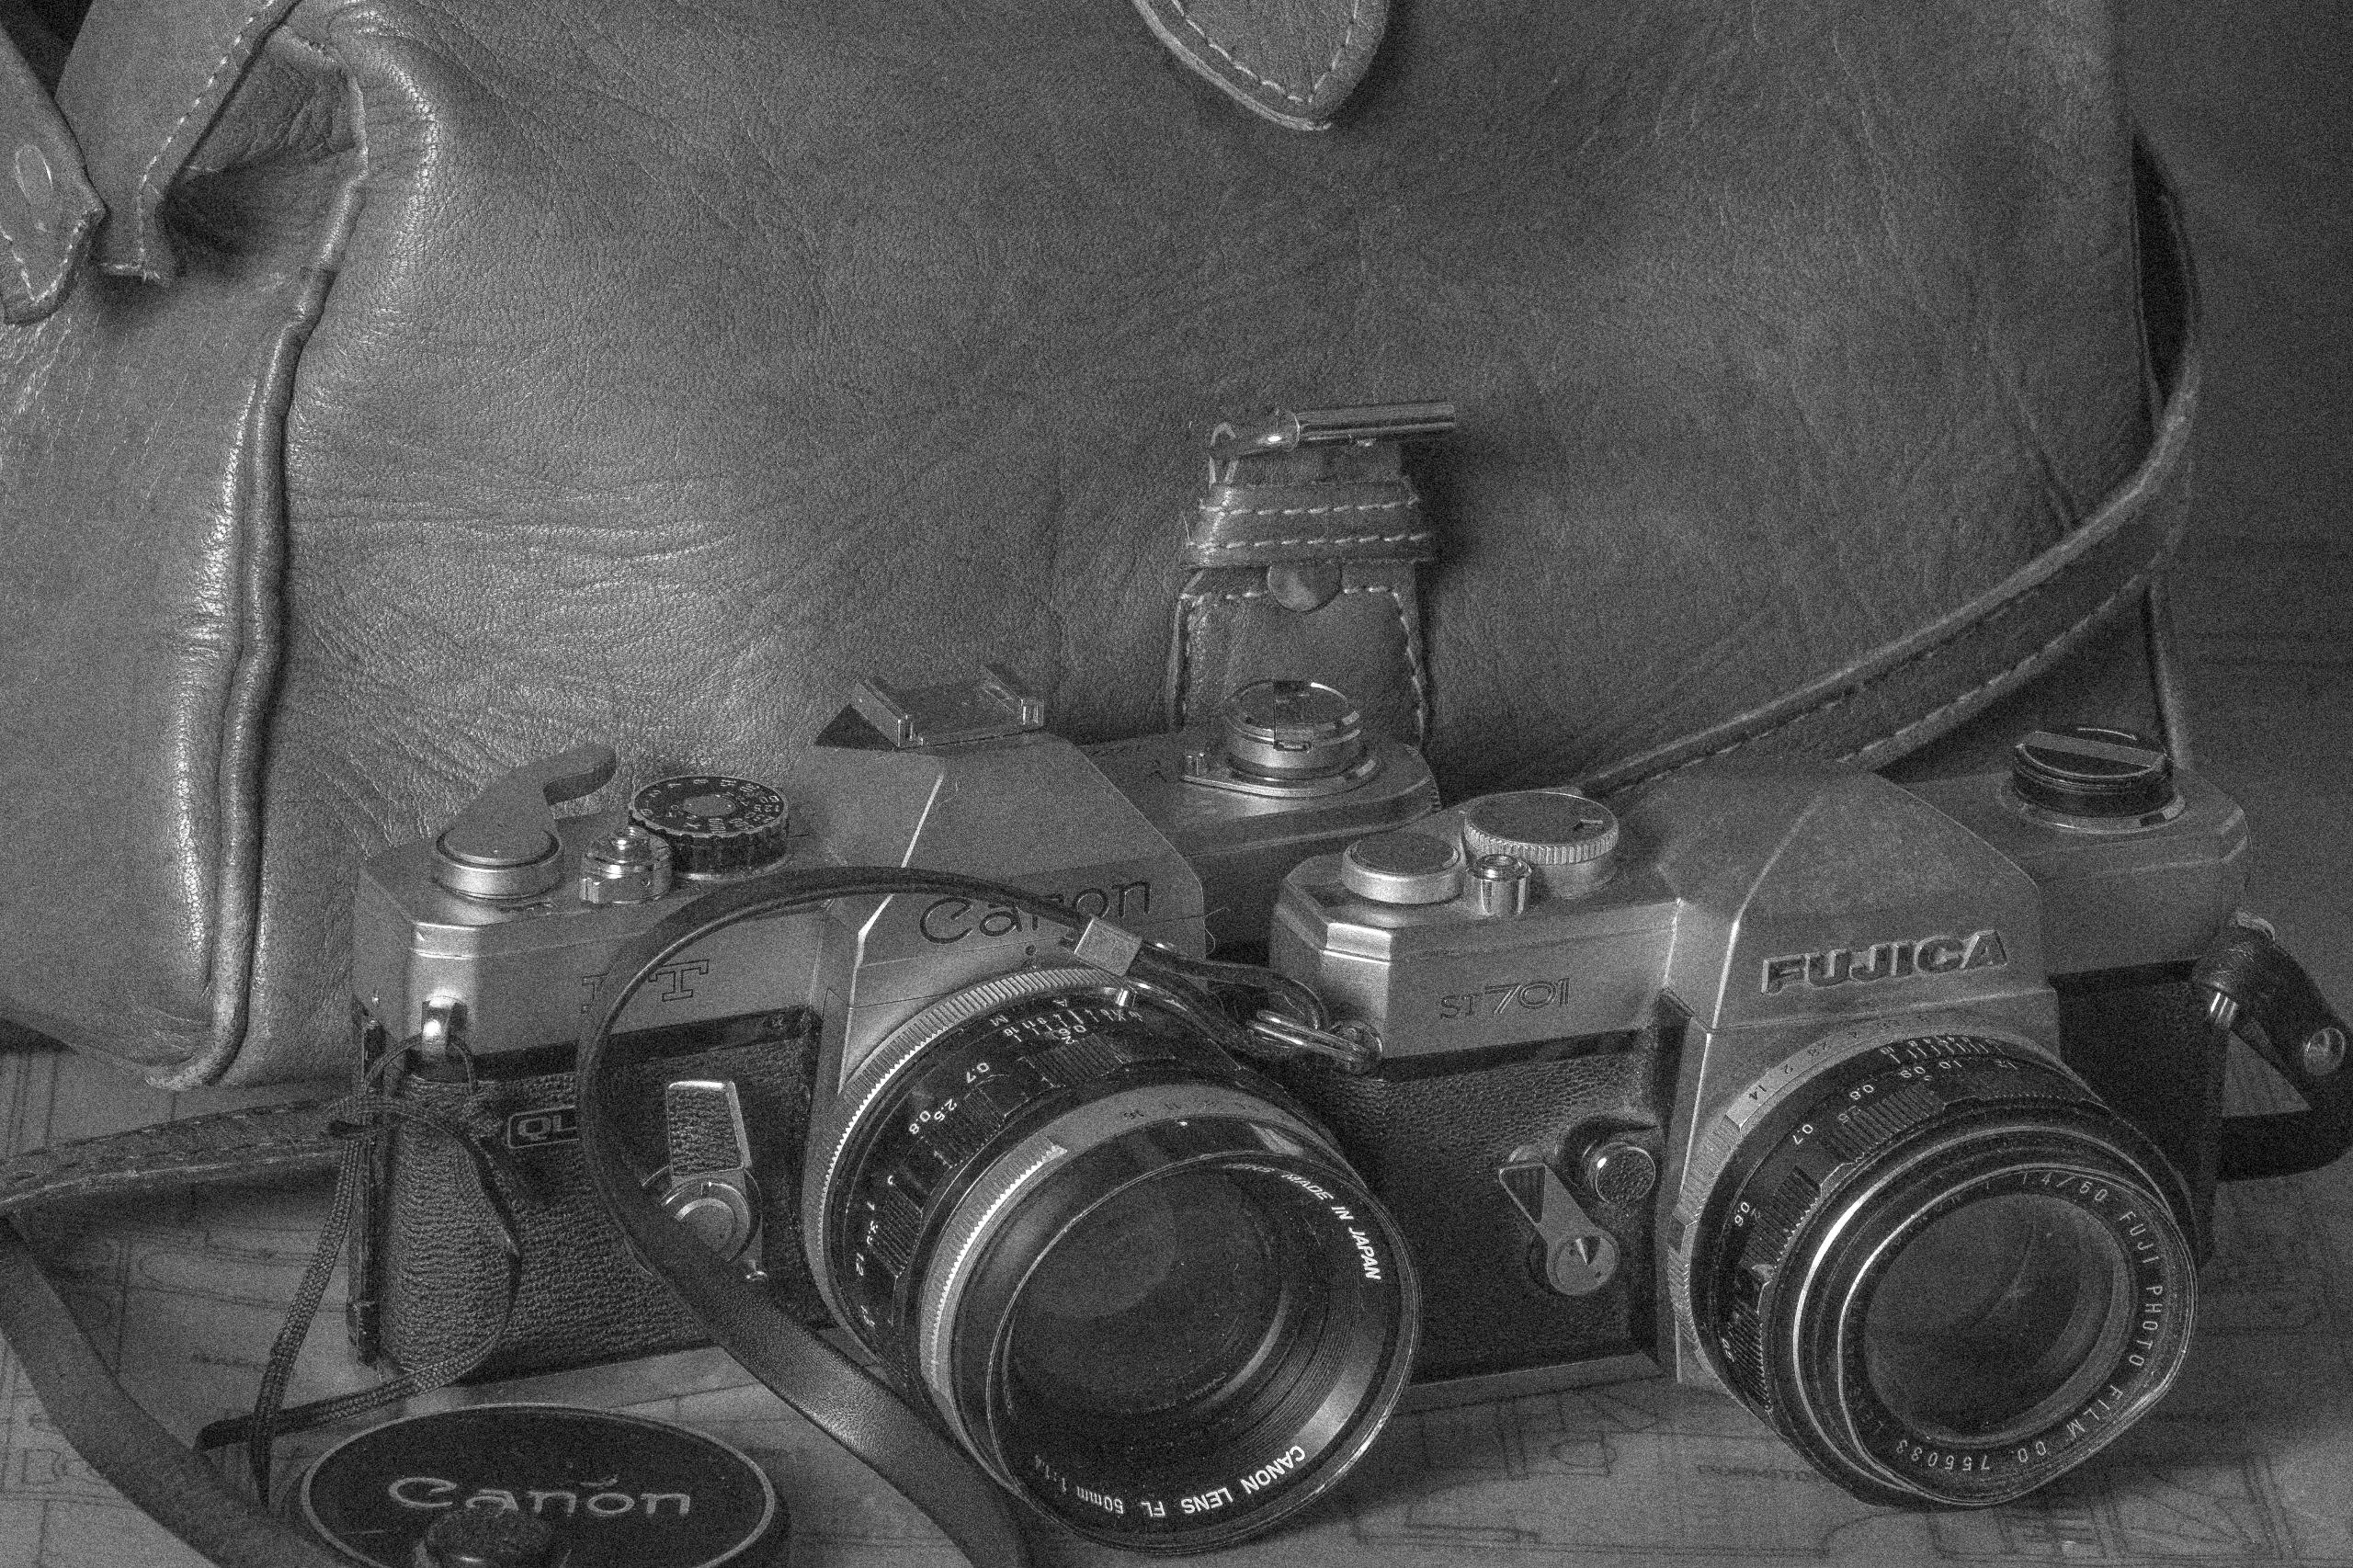 retro, camera, canon, fujica - dalwenphotography | ello